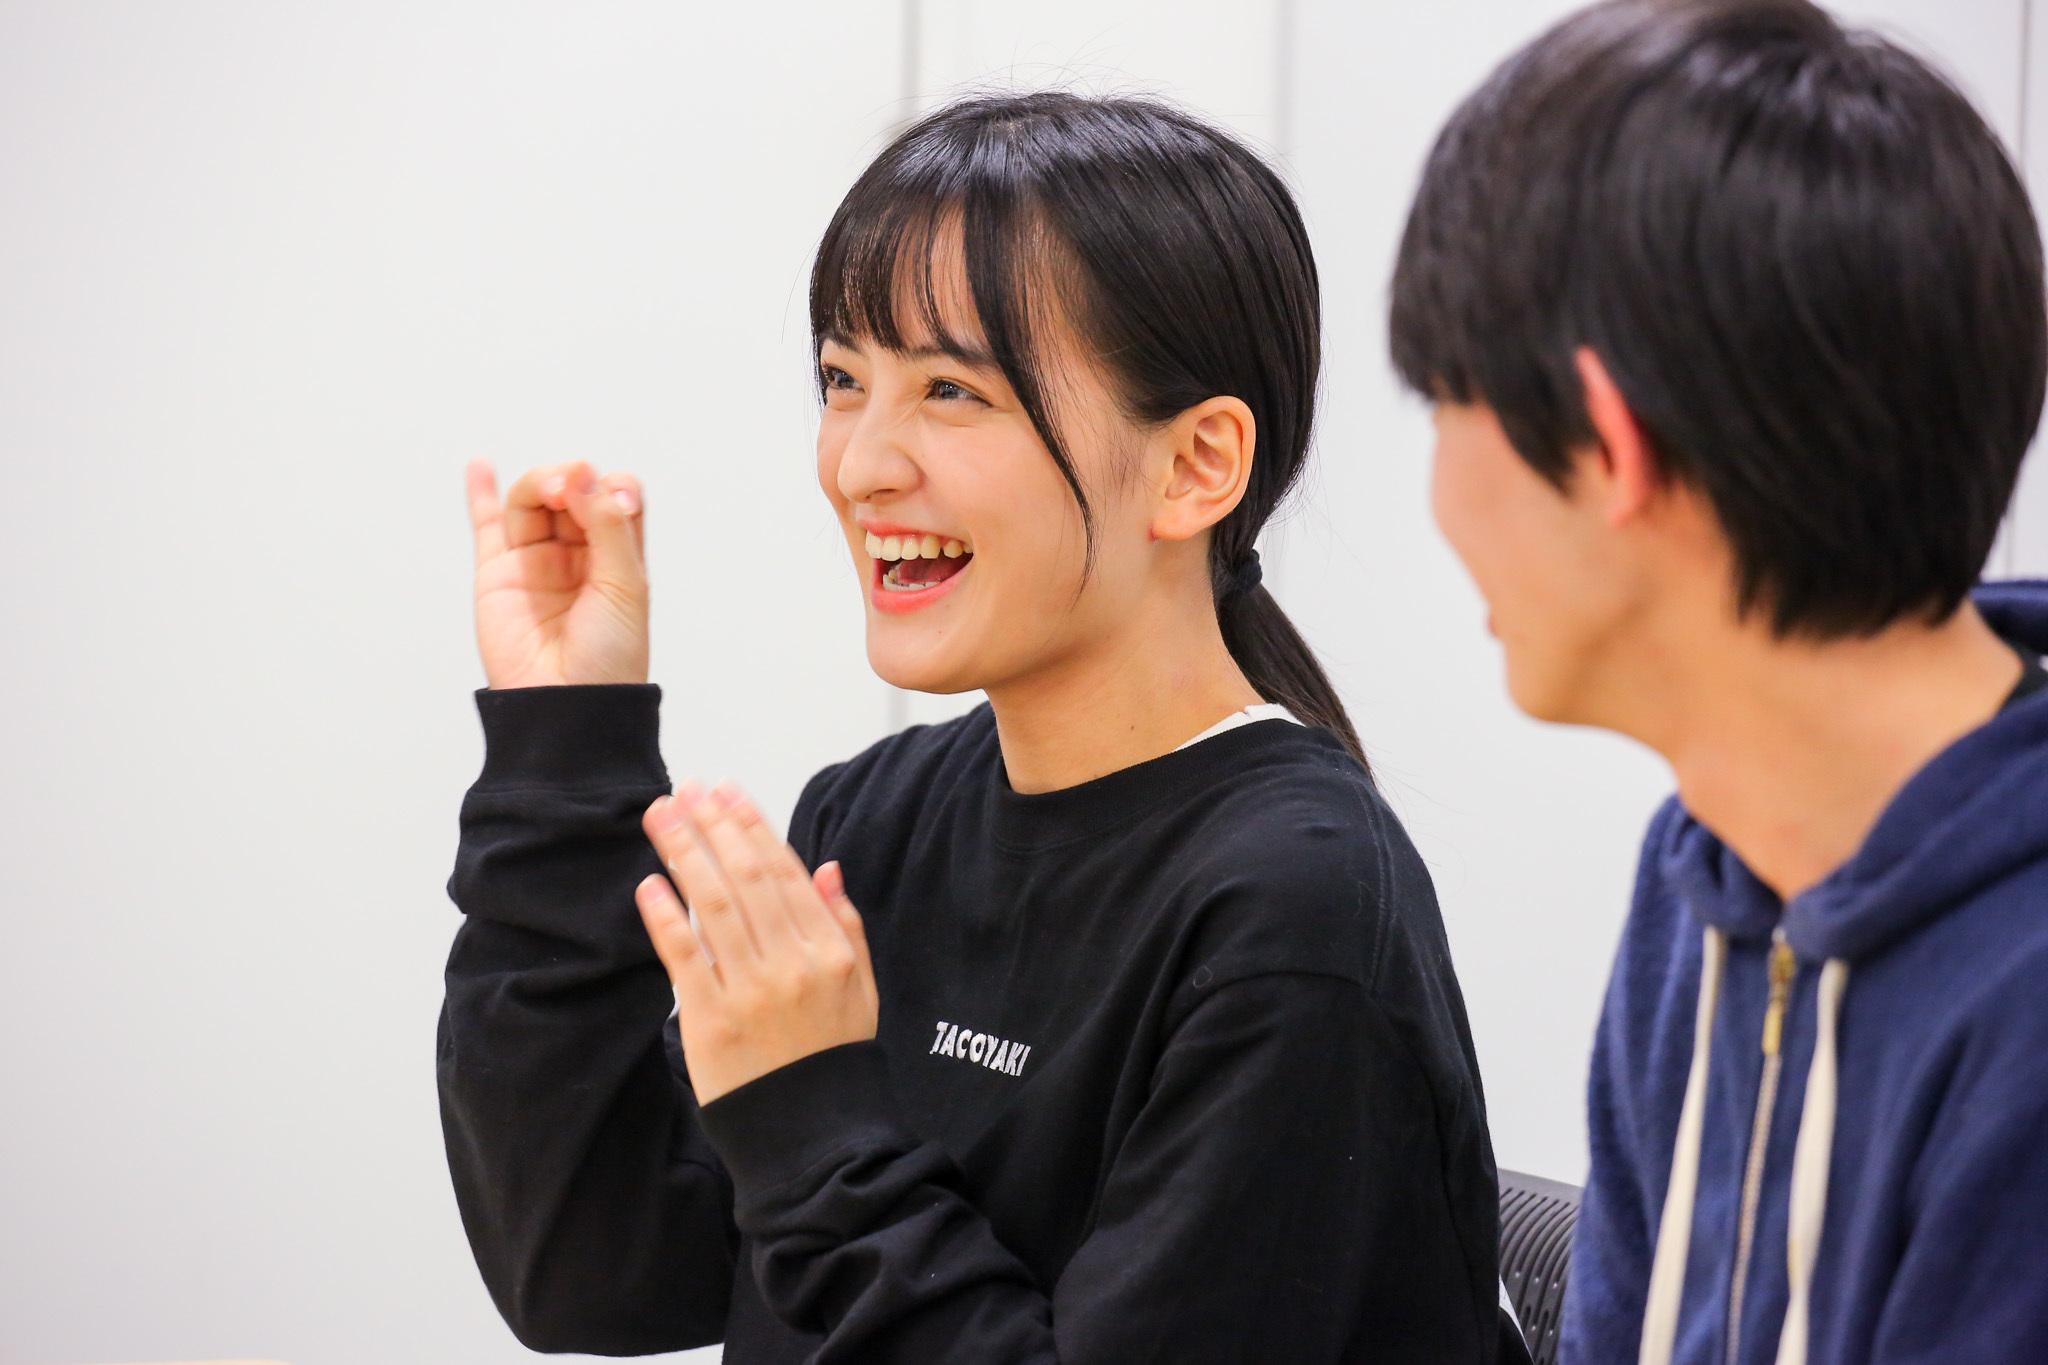 清井咲希(たこやきレインボー)、明石陸(新人)